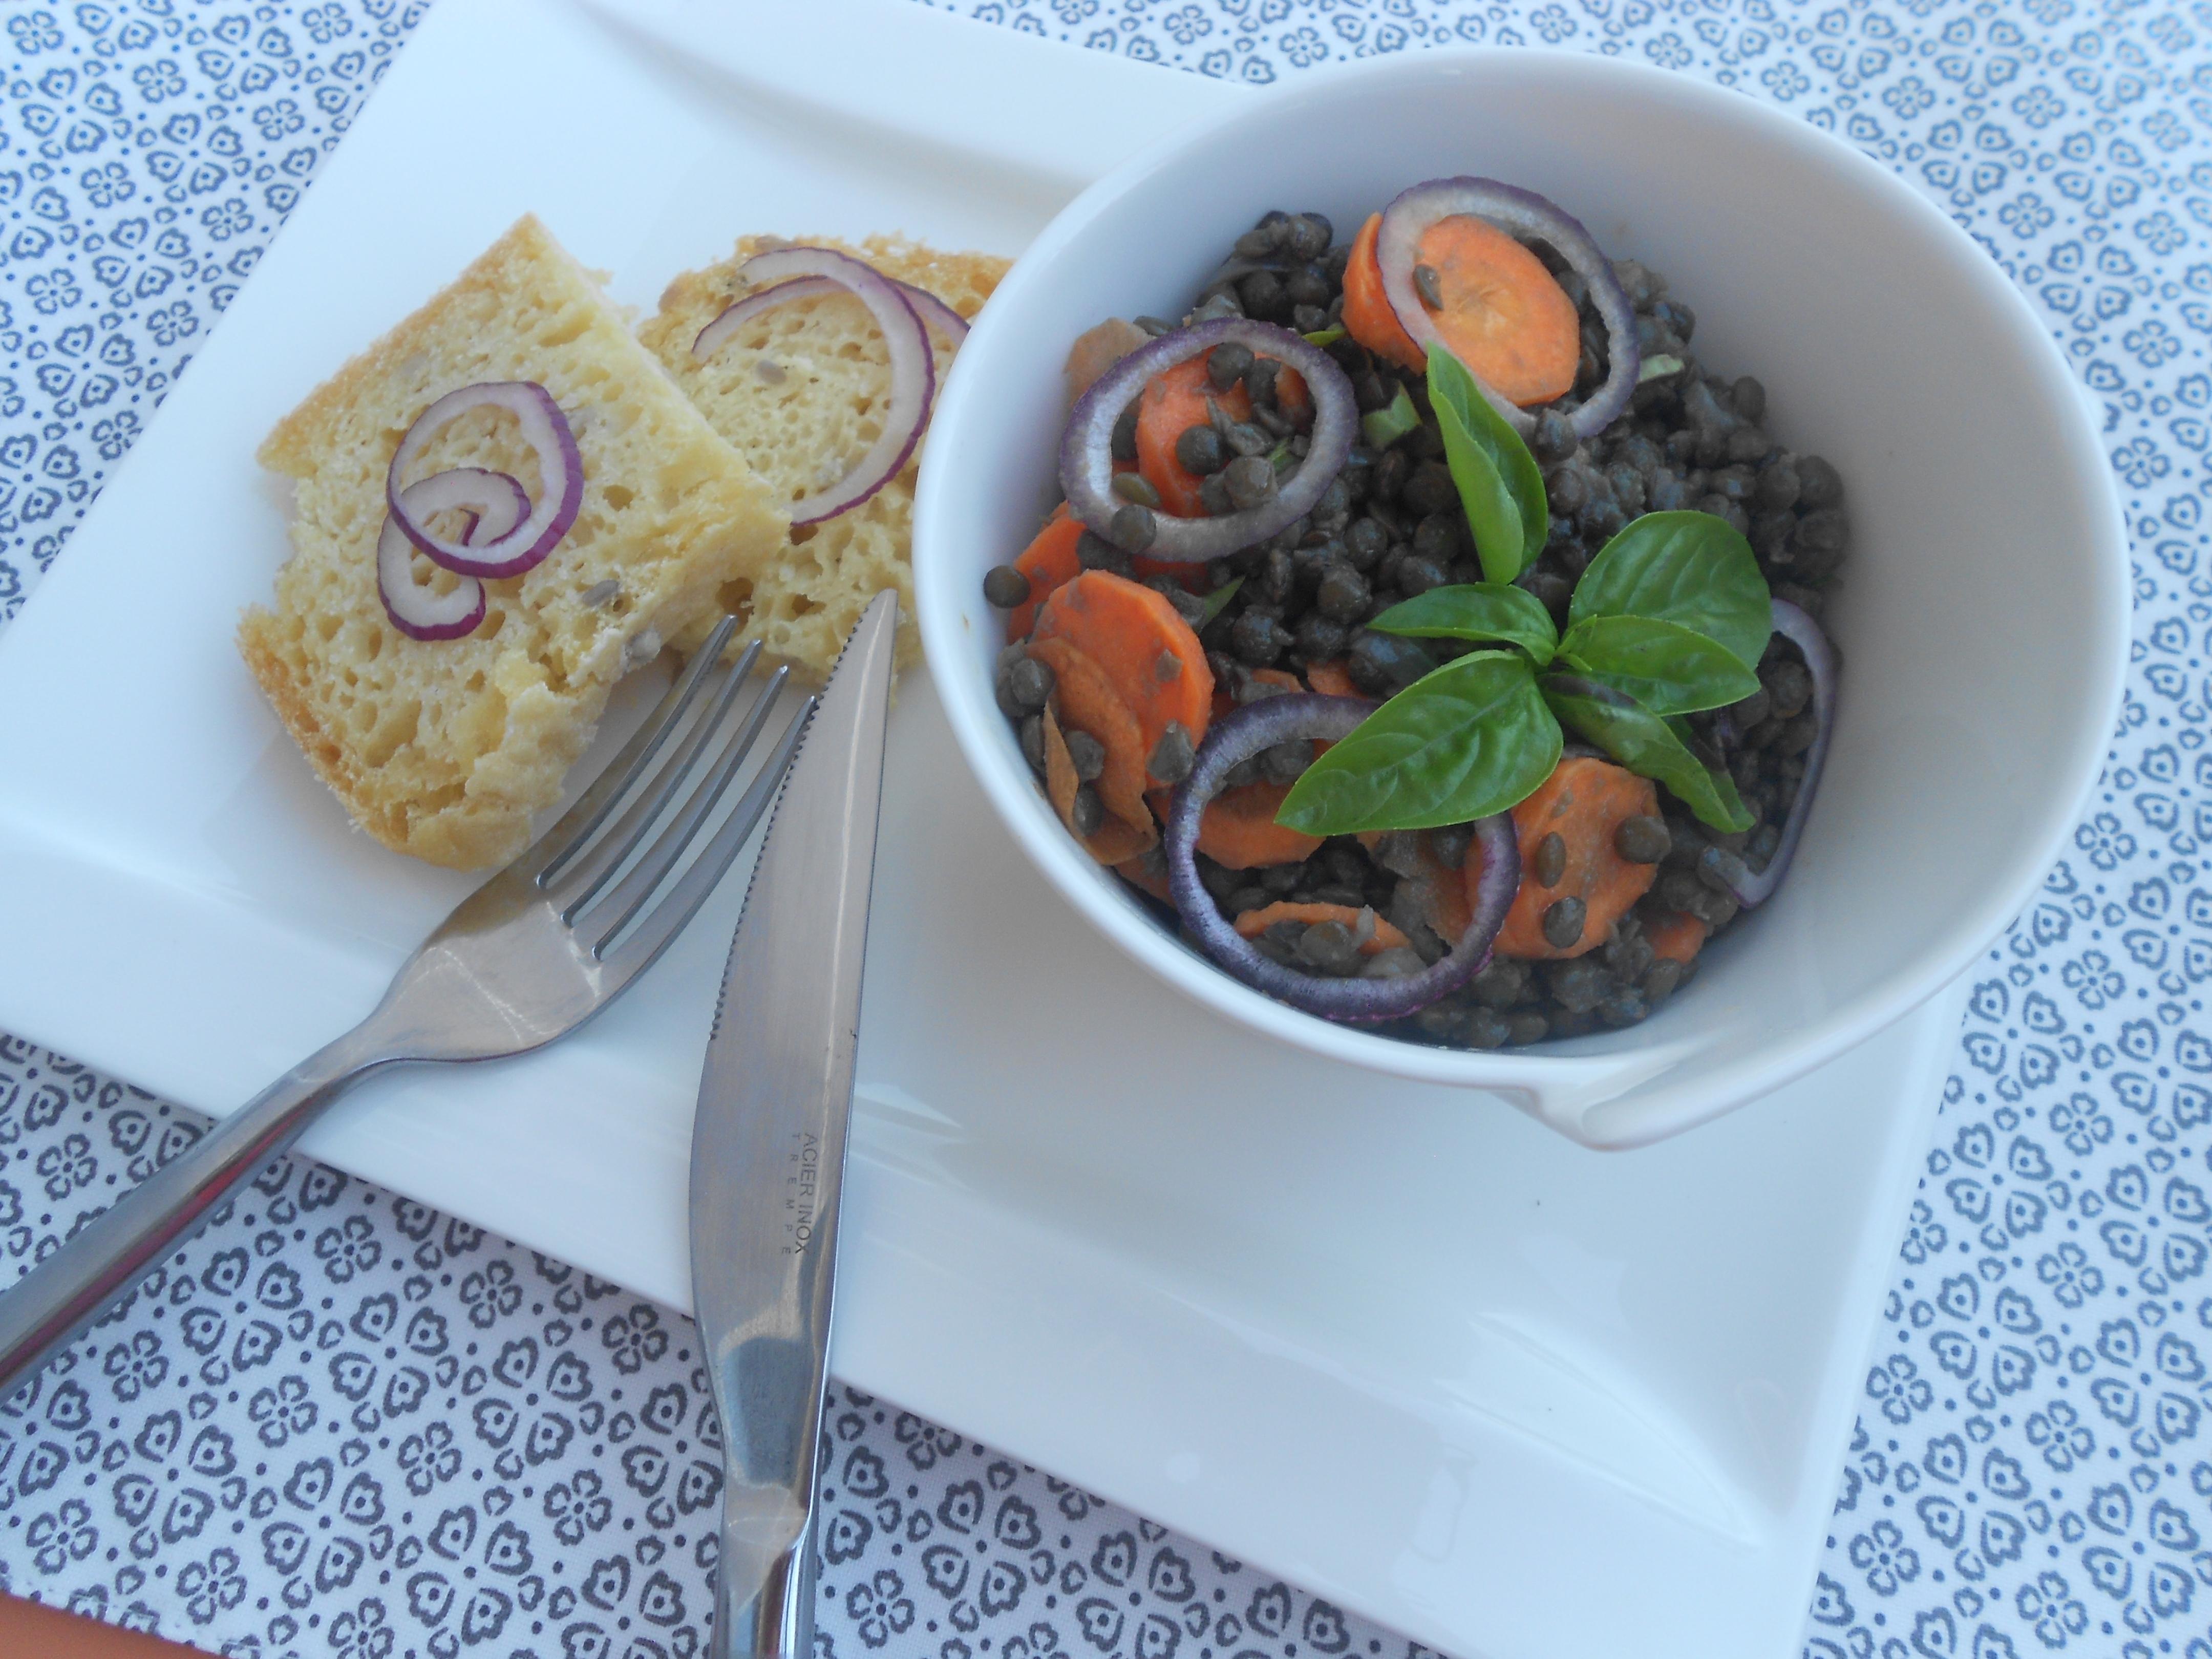 salade de lentilles un aliment riches en protéines et en zinc